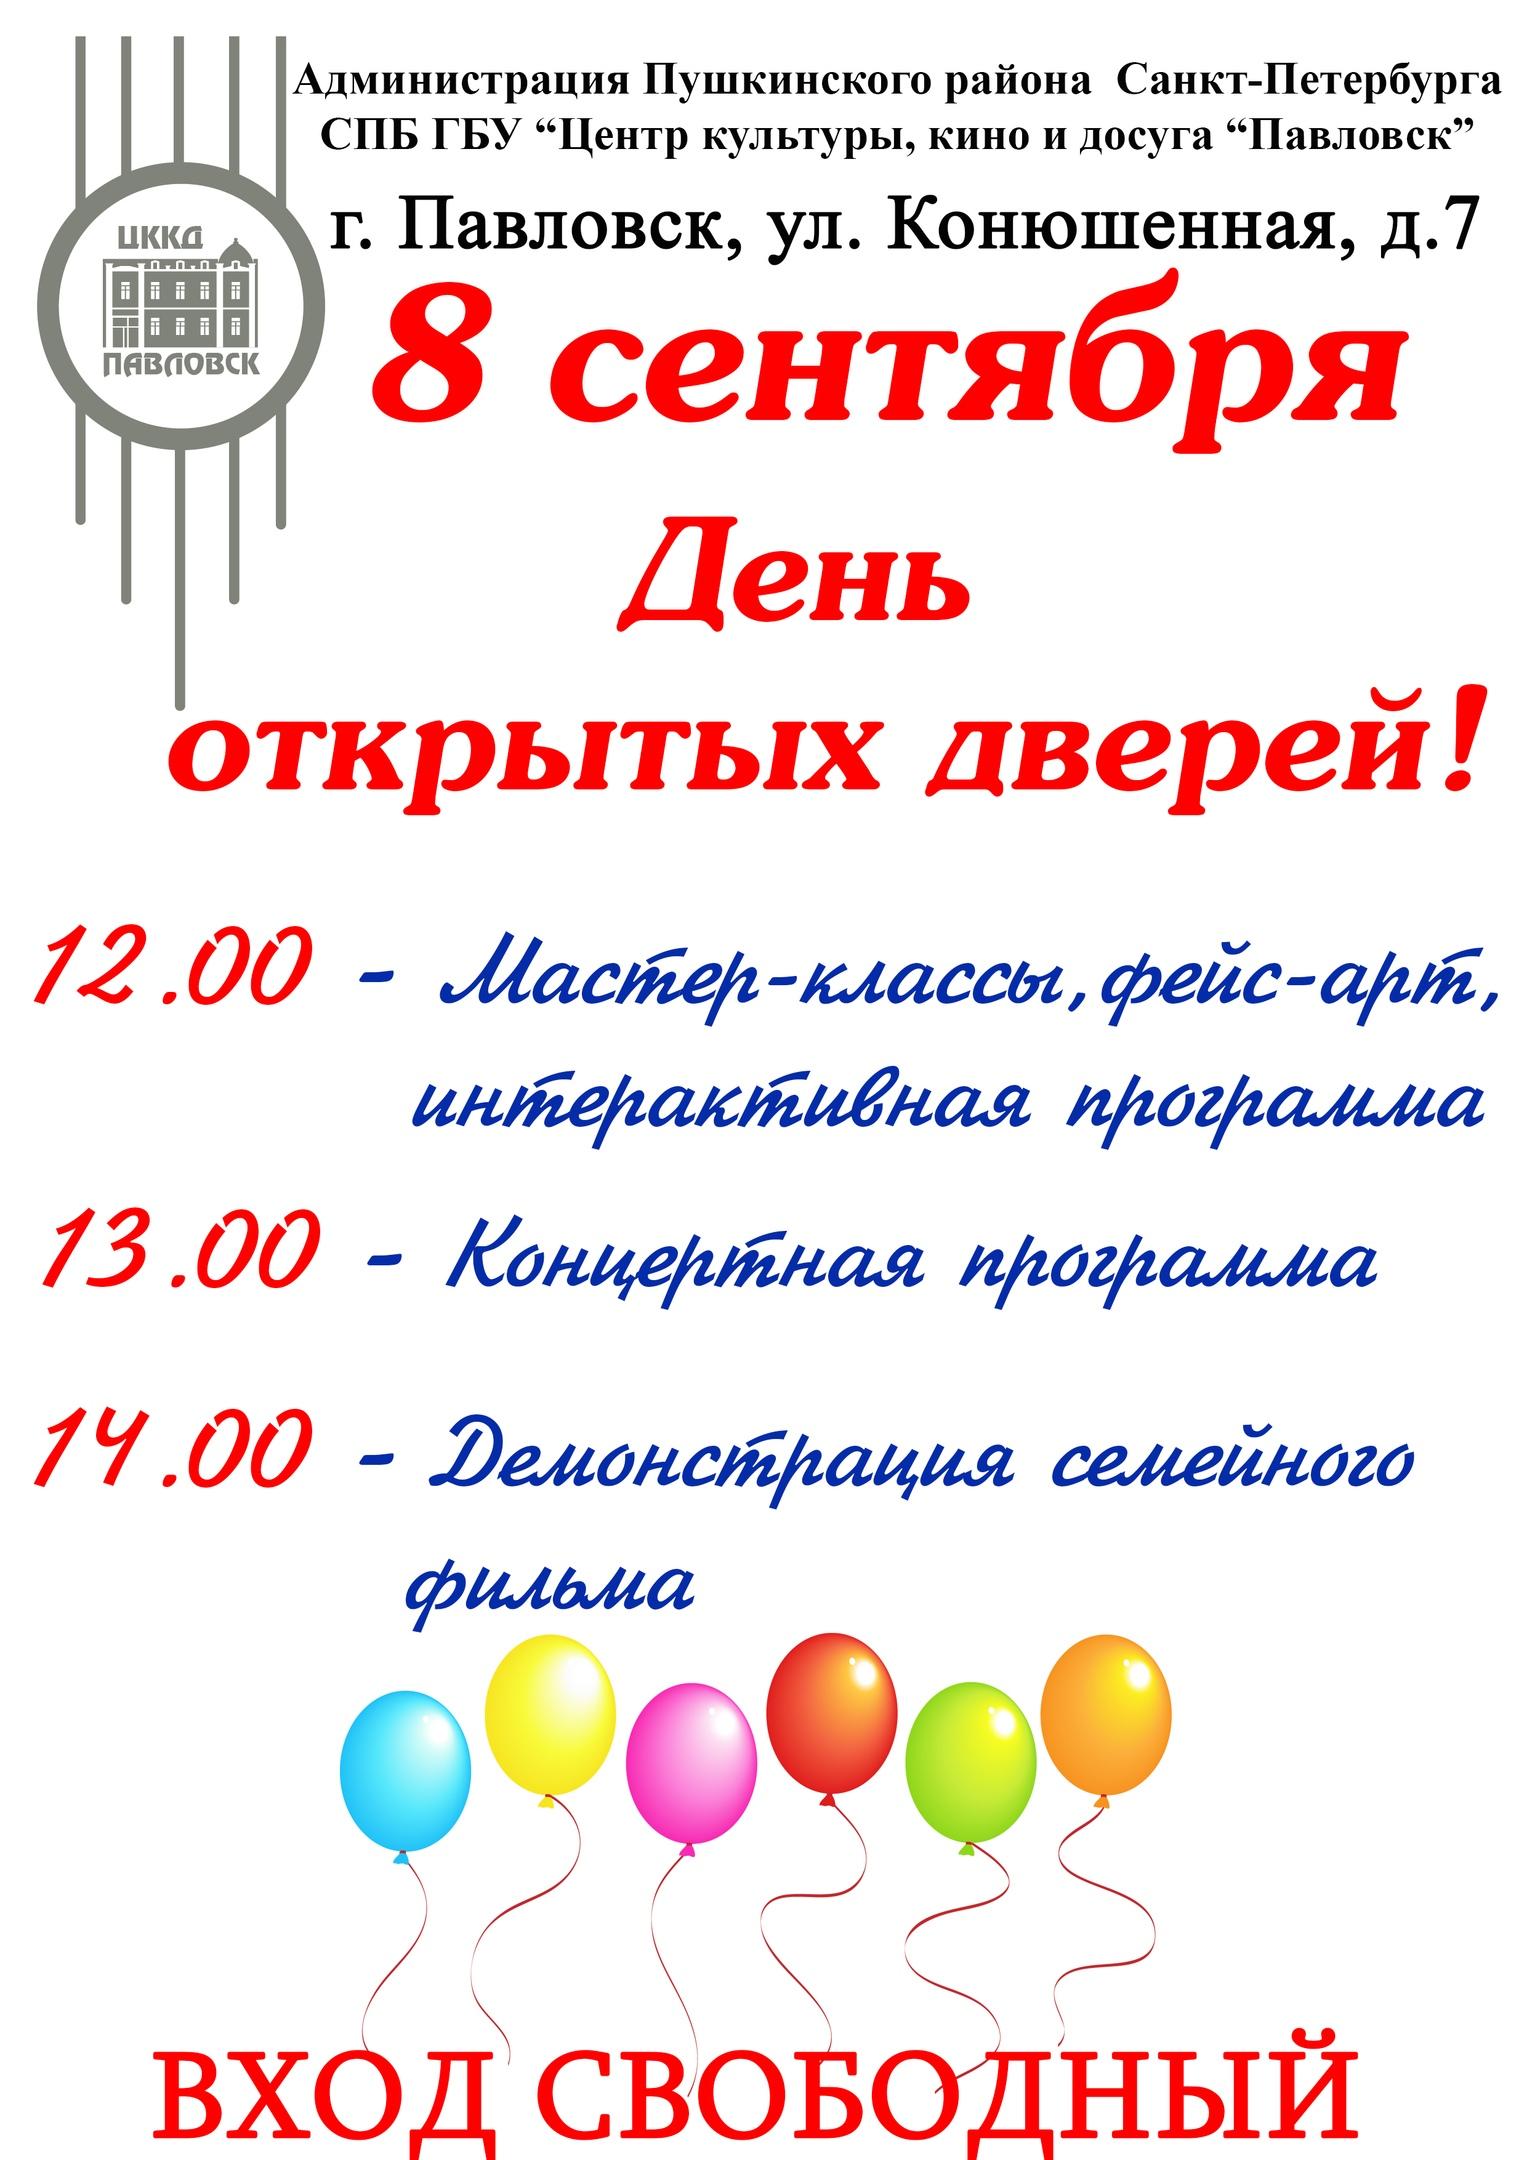 """День открытых дверей в ЦККД """"Павловск""""!"""